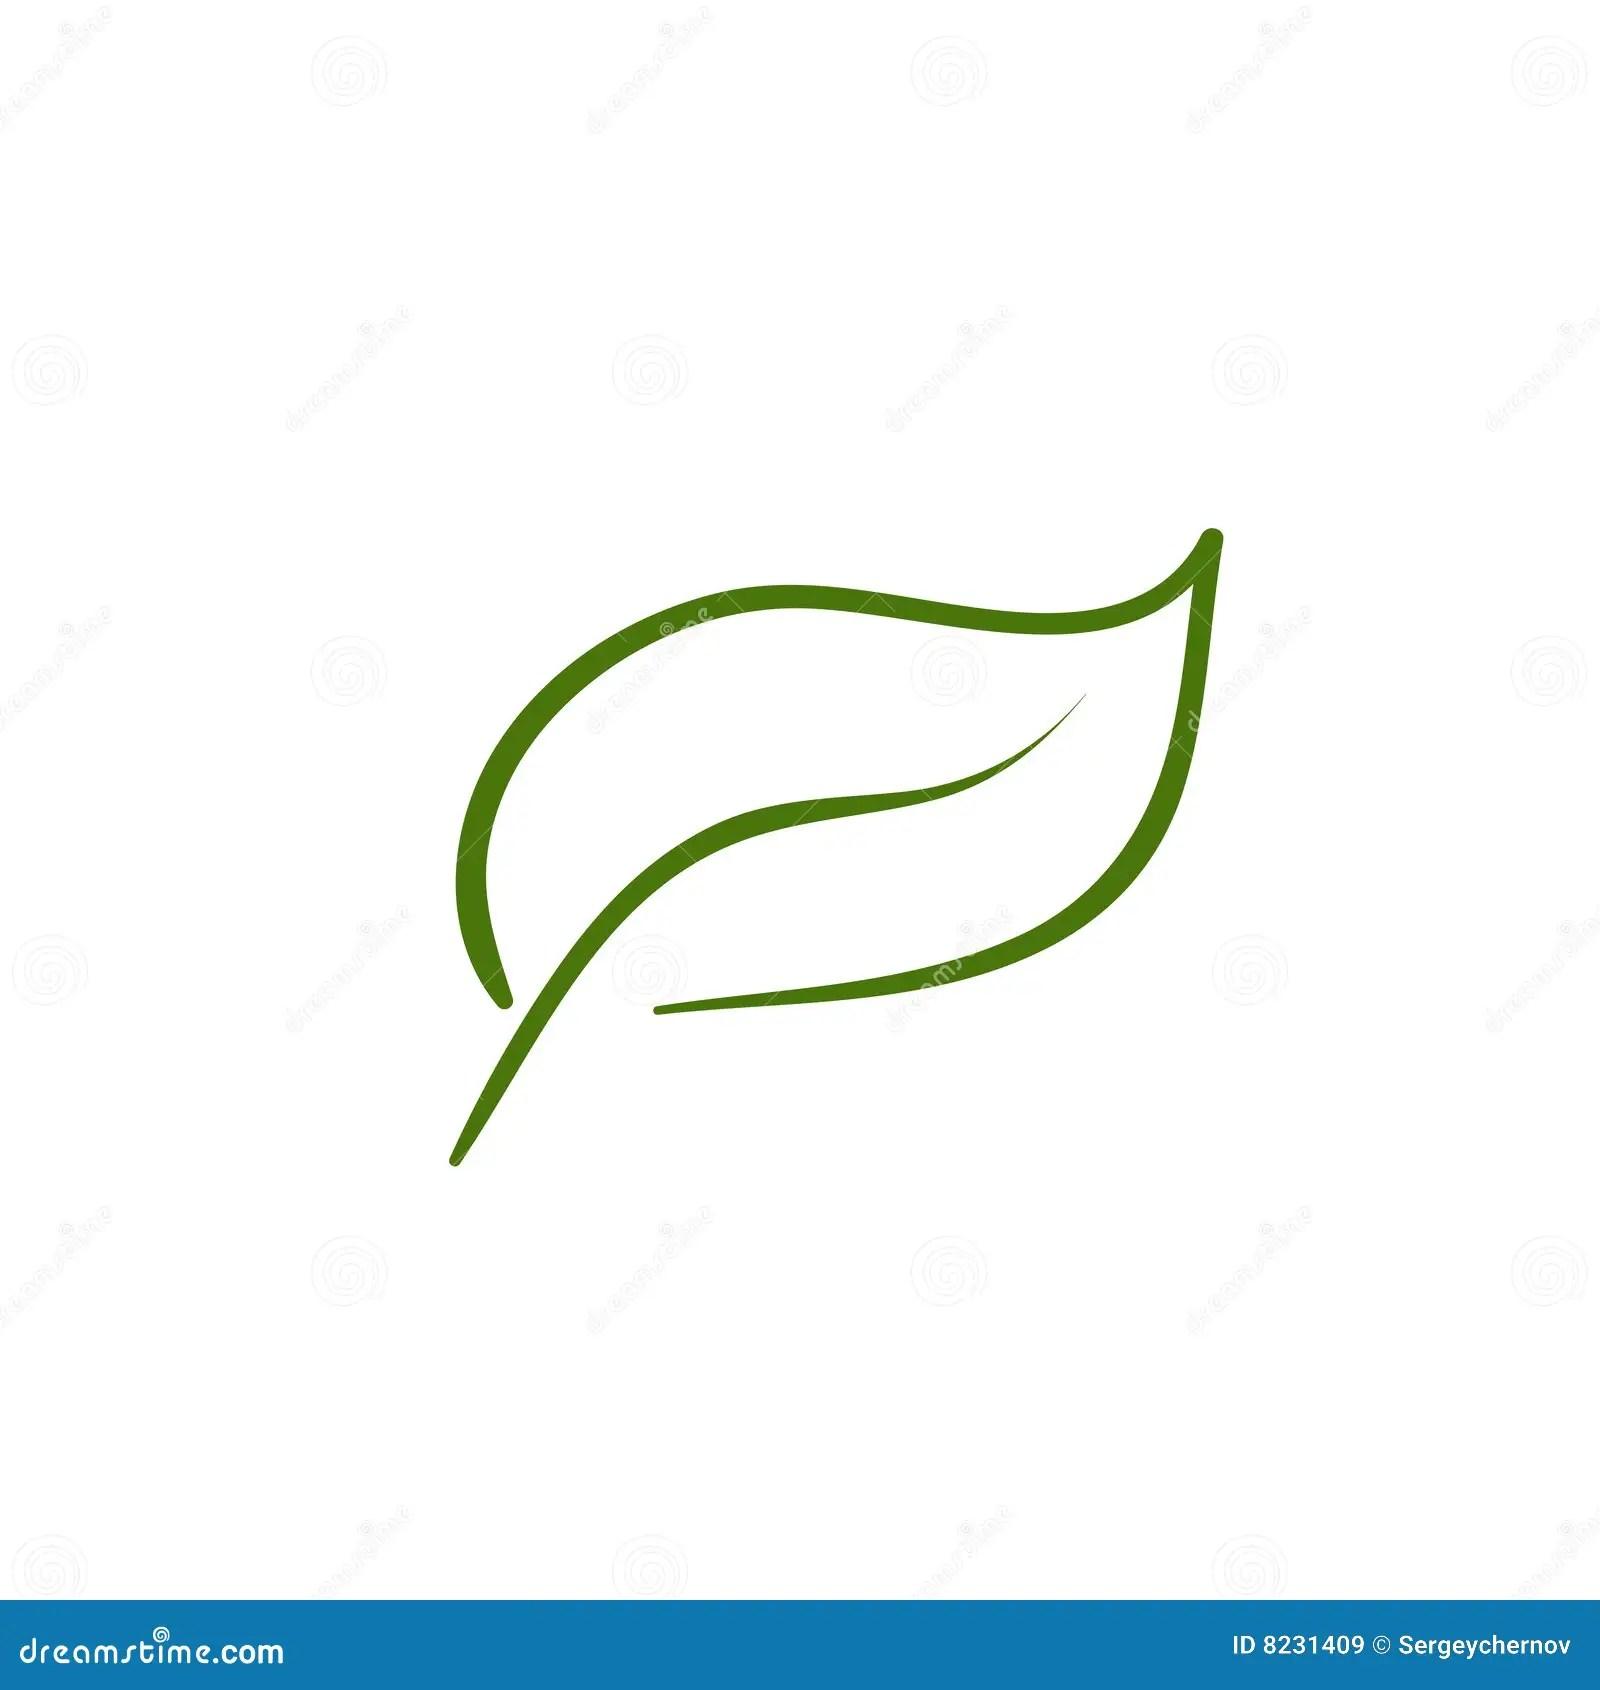 Leaf Artistic Line Stock Vector Illustration Of Natural